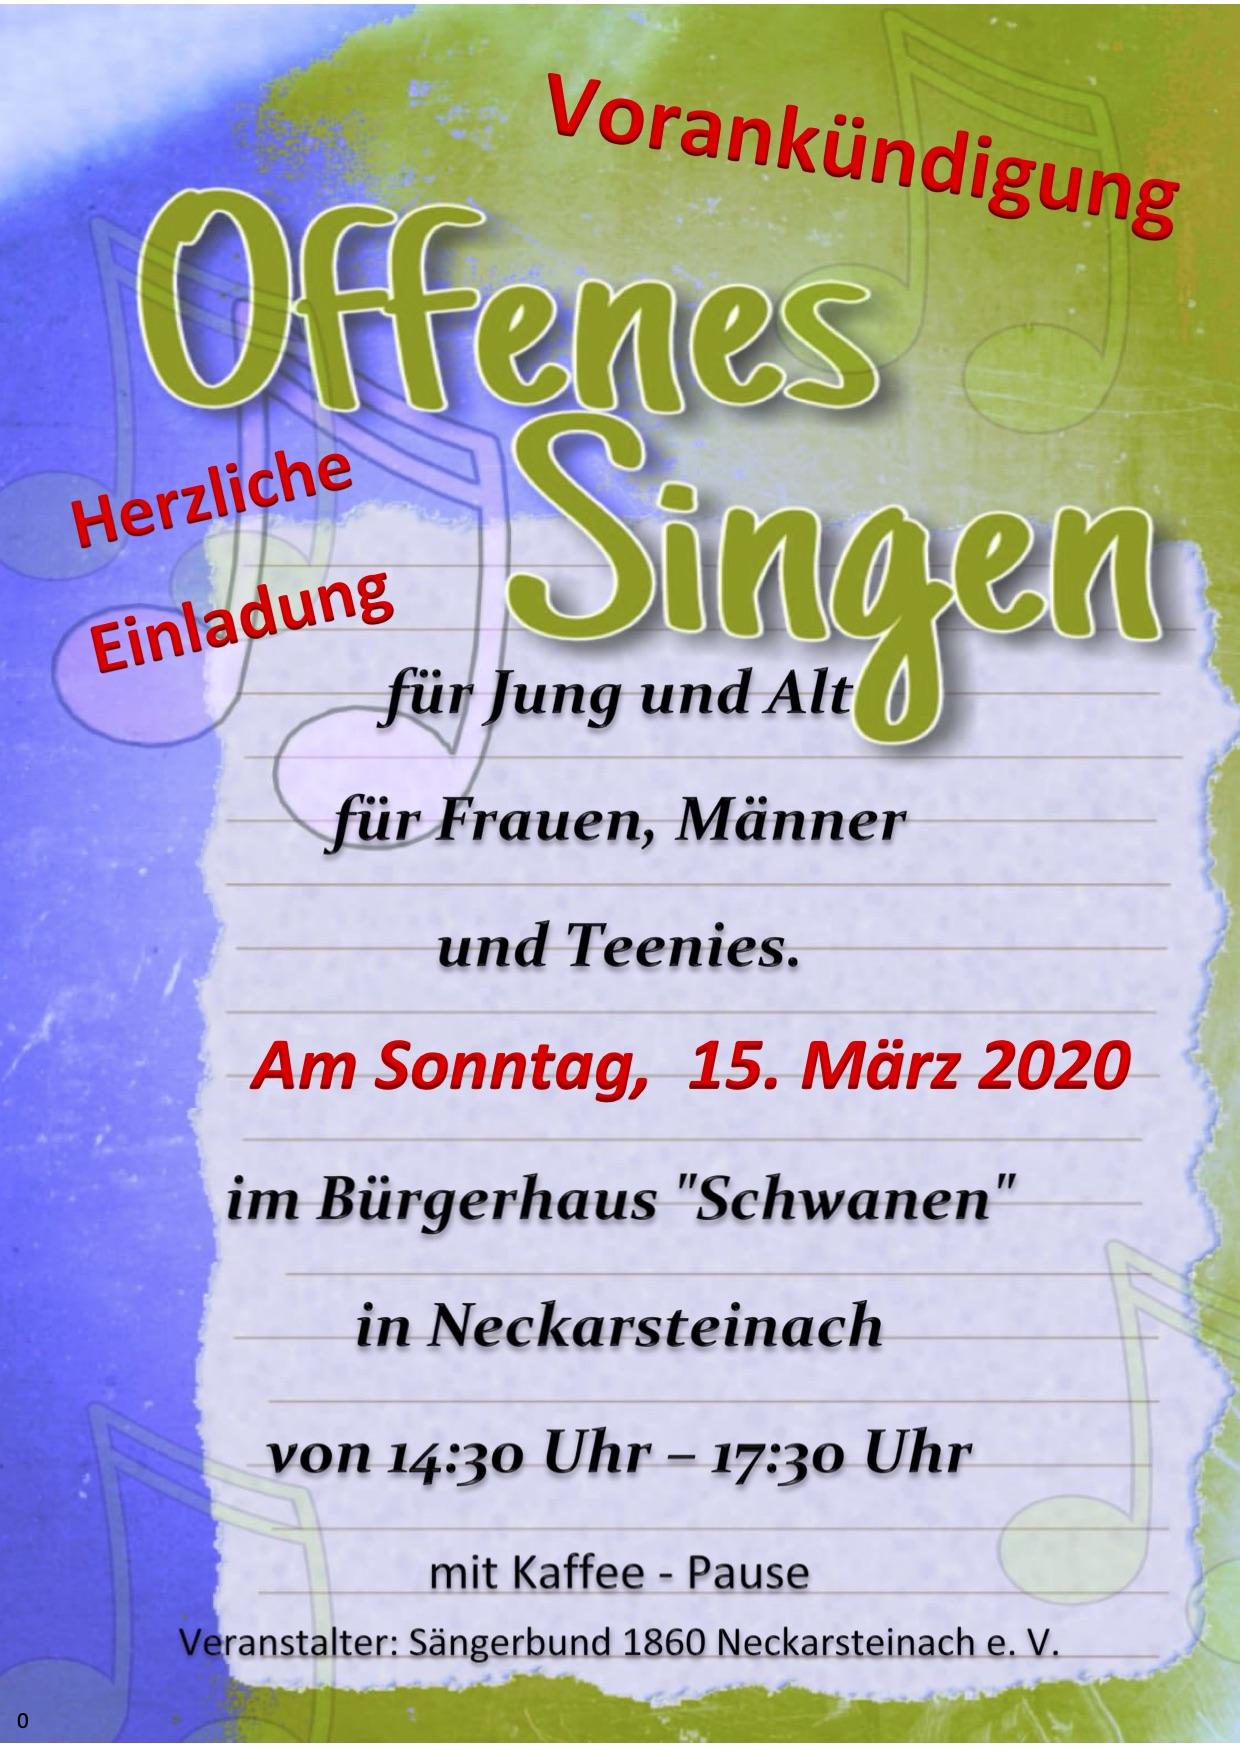 """30 Uhr im Bürgerhaus """"Zum Schwanen"""", zwischendurch gibt es eine Kaffeepause. Die Aufführung wird dann beim Abschlusskonzert am 25. Oktober 2020 sein."""